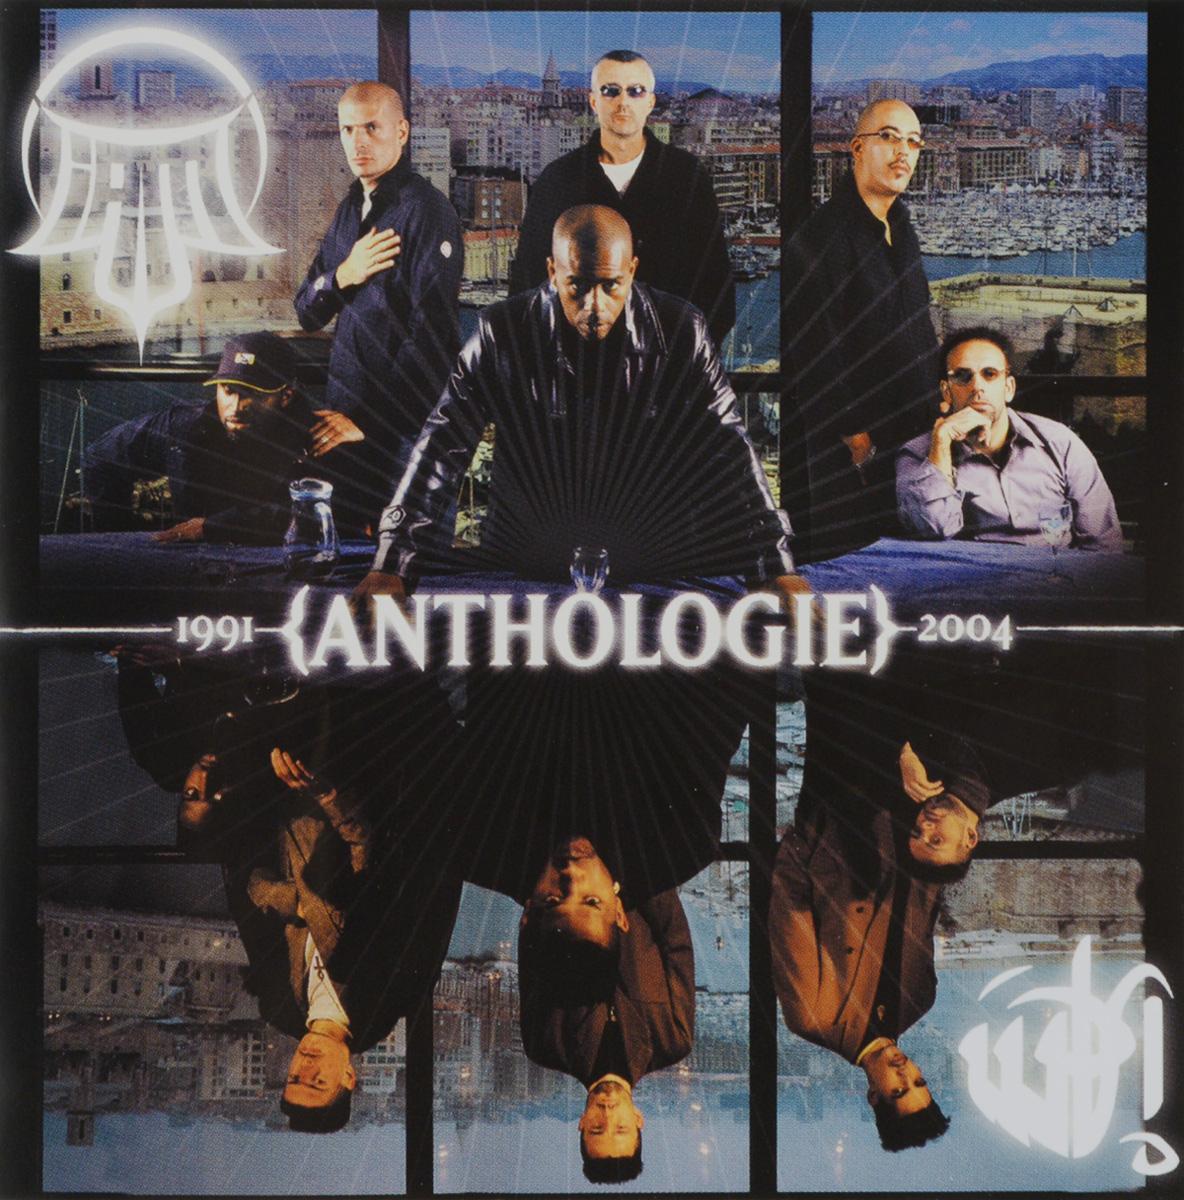 IAM. ANTHOLOGIE 1991-2004 iam anthologie 1991 2004